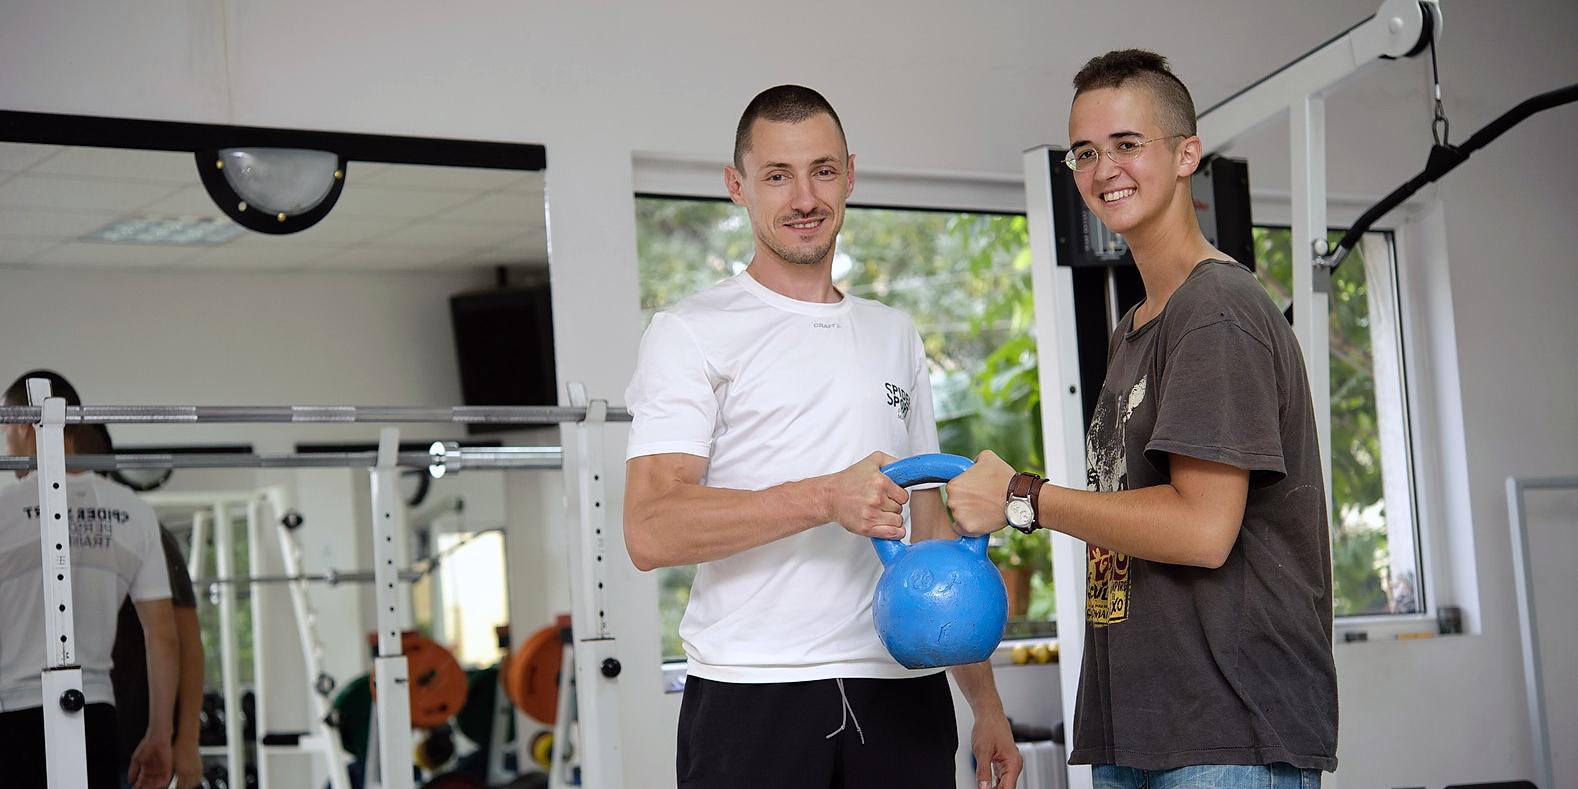 Милко Георгиев награждава Дея Георгиева с пудовка 24 кг